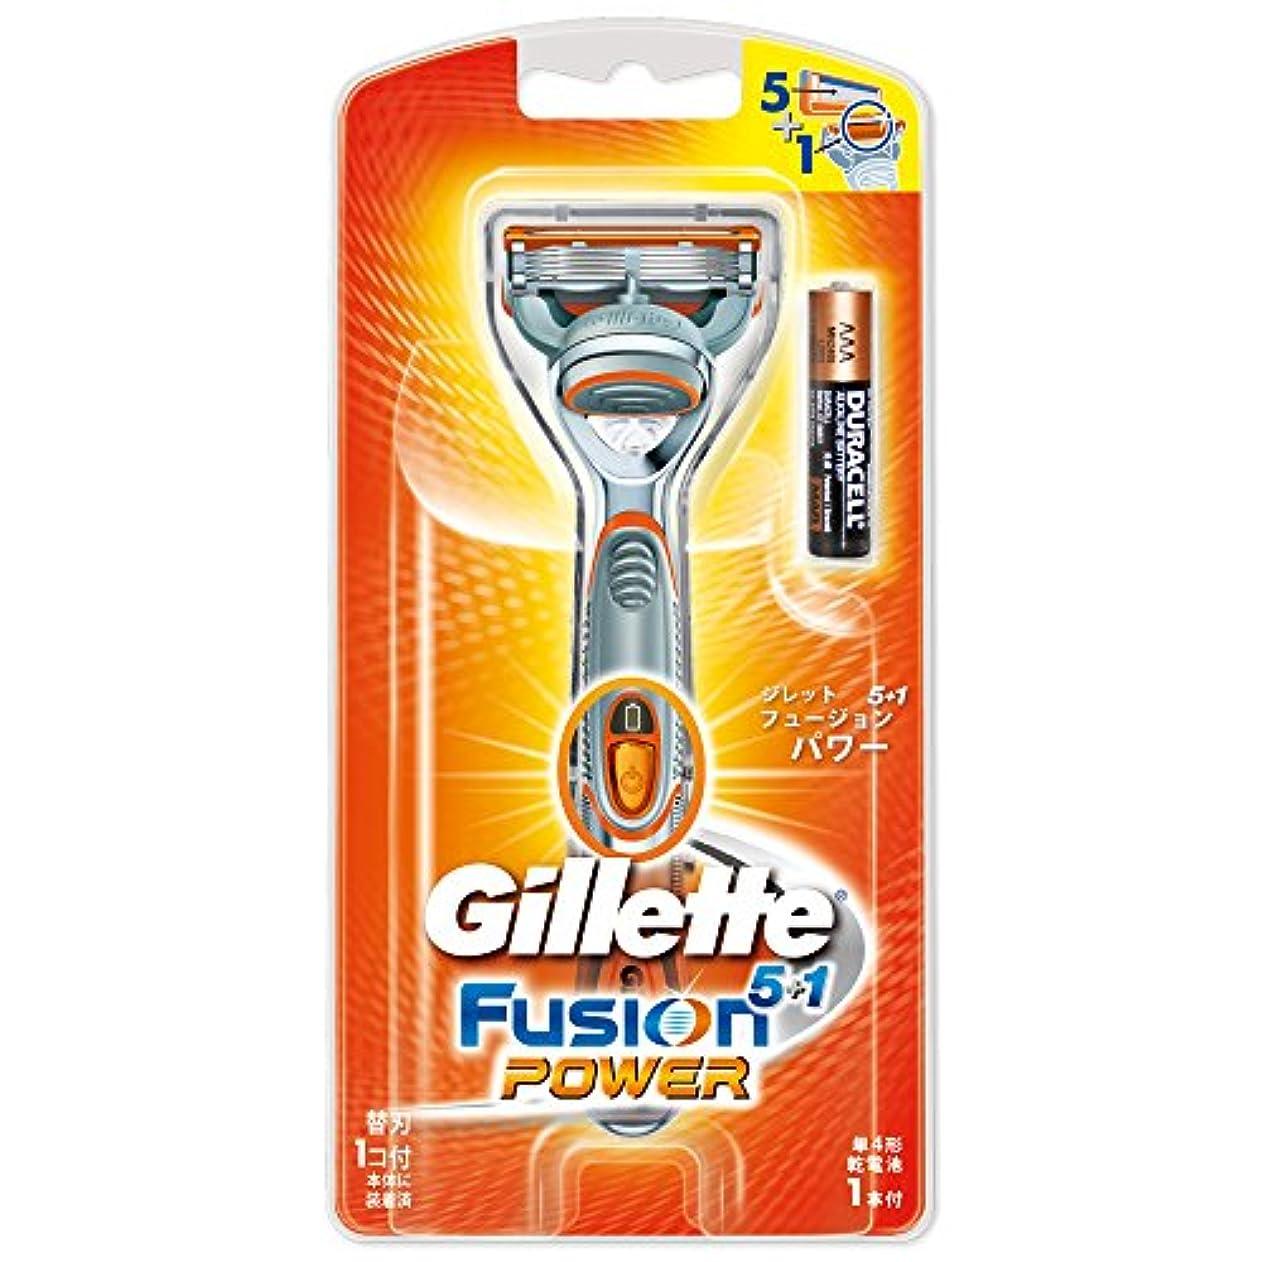 モディッシュカート植生ジレット 髭剃り フュージョン5+1 パワー 本体